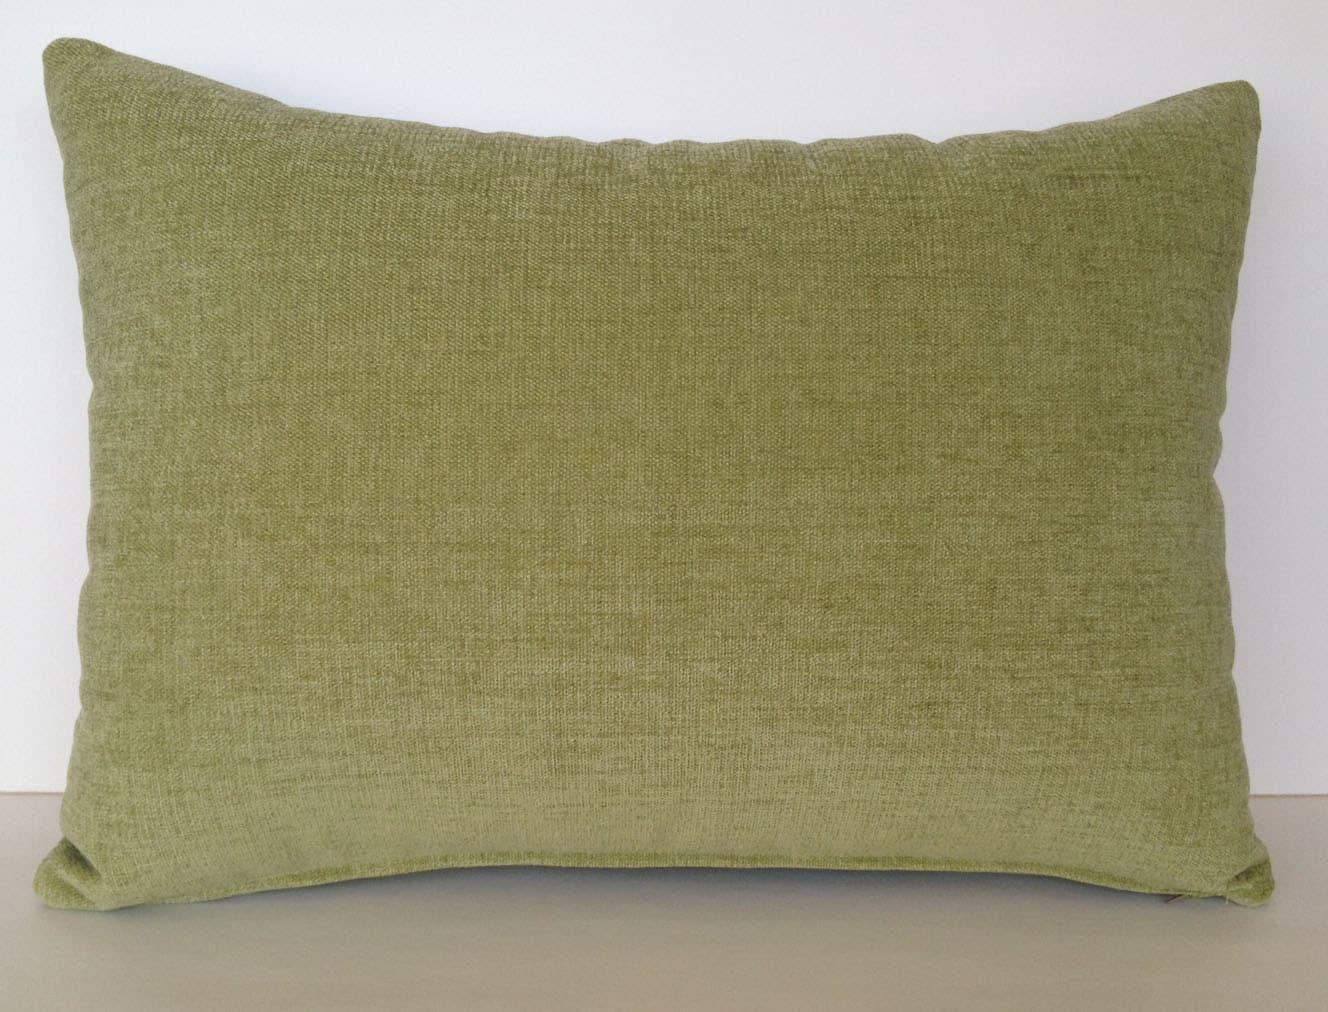 20 x 14 Lumbar Pillow Cover Celery Green Lime